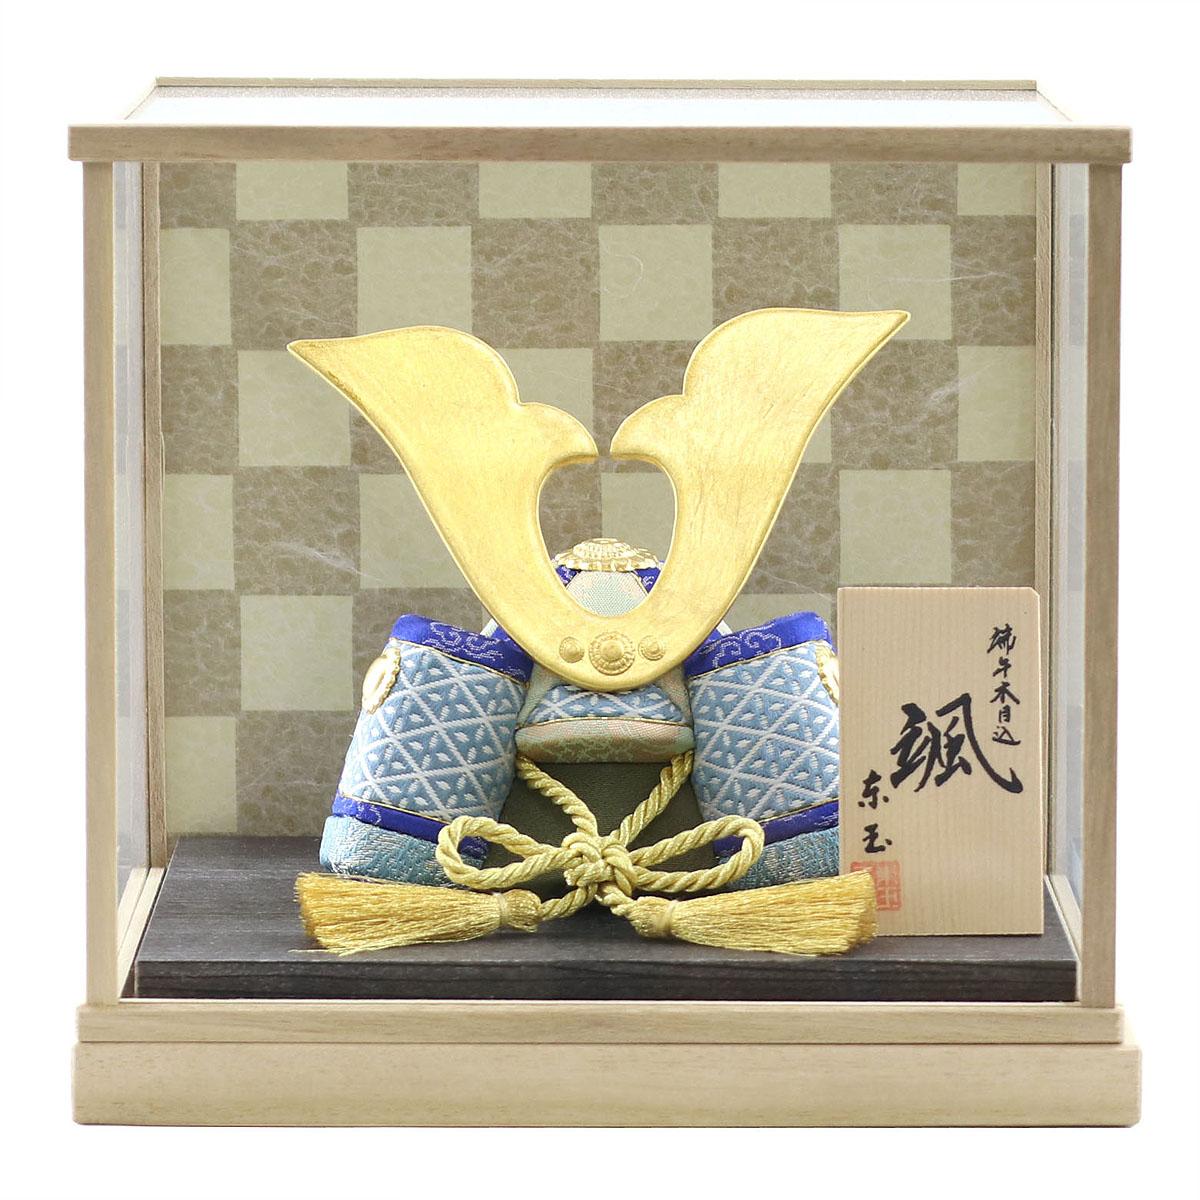 五月人形 東玉 木目込み 兜飾り 颯シリーズ 「青」 市松模様 木製 ガラスケース飾り GOTG-NO12-HBKCコンパクト おしゃれ 木目込み 五月人形